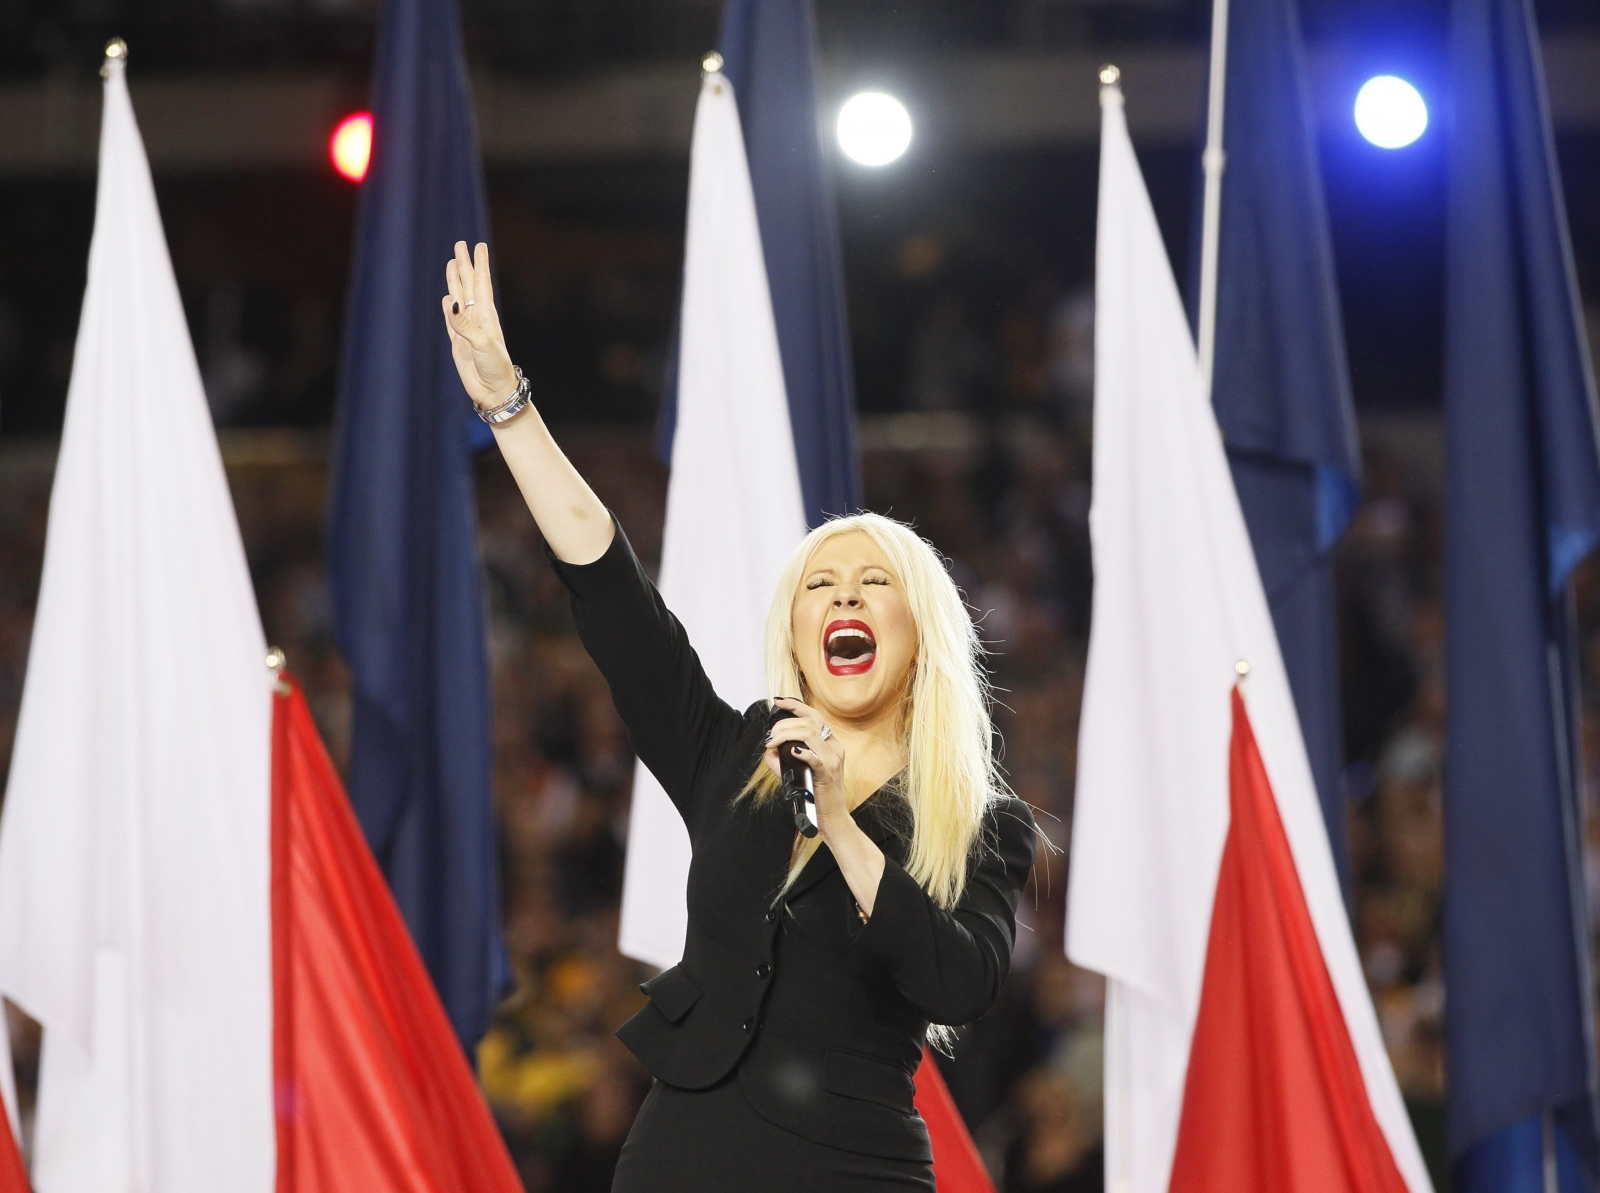 Christina Aguilera national anthem